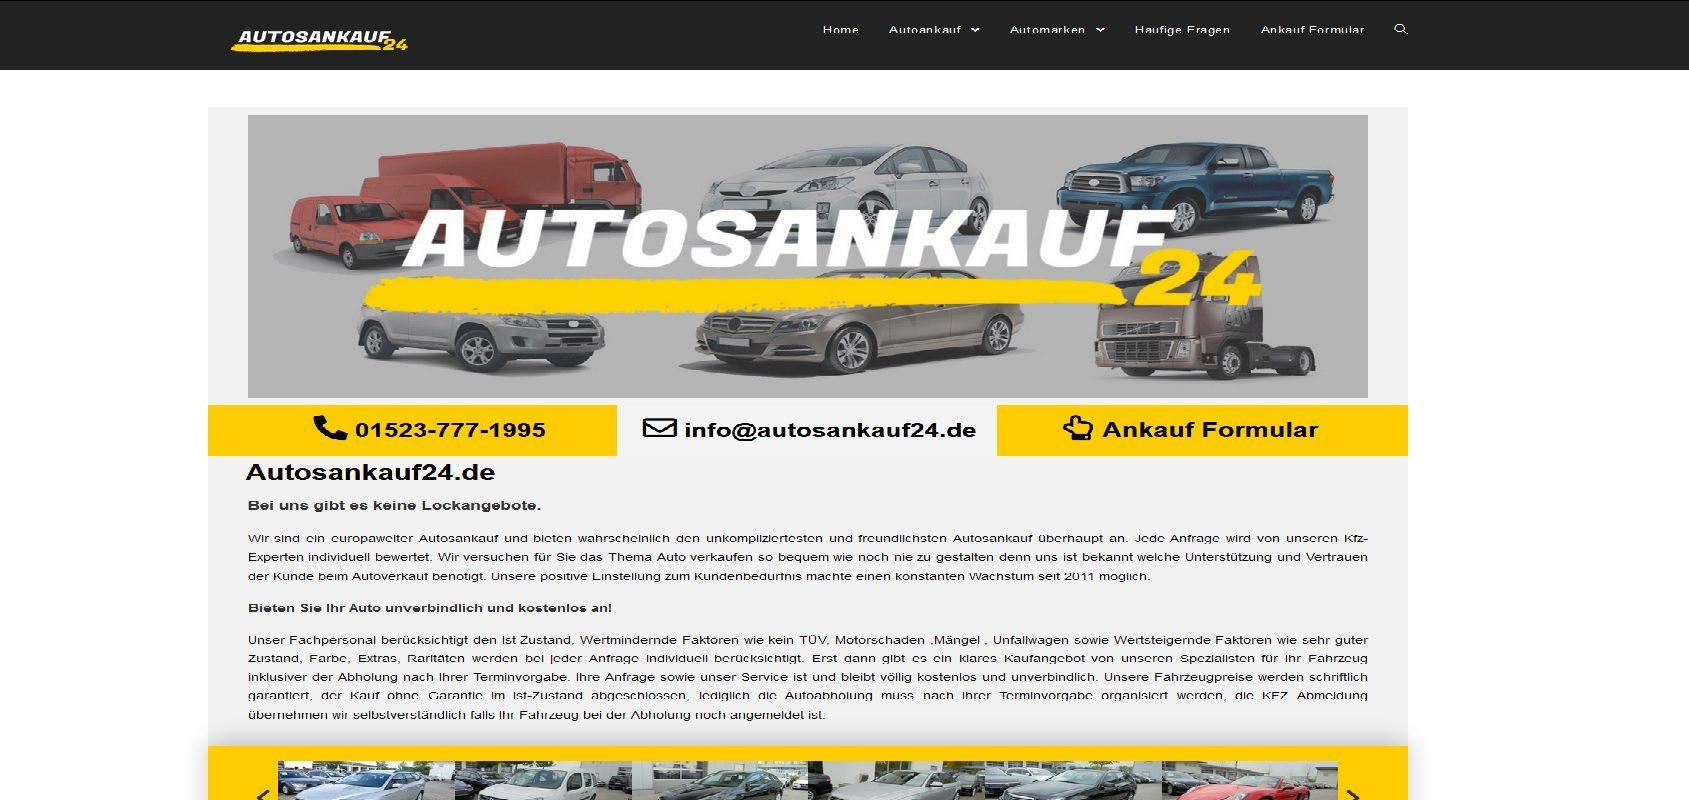 autosankauf24.de Autoankauf LKW Ankauf